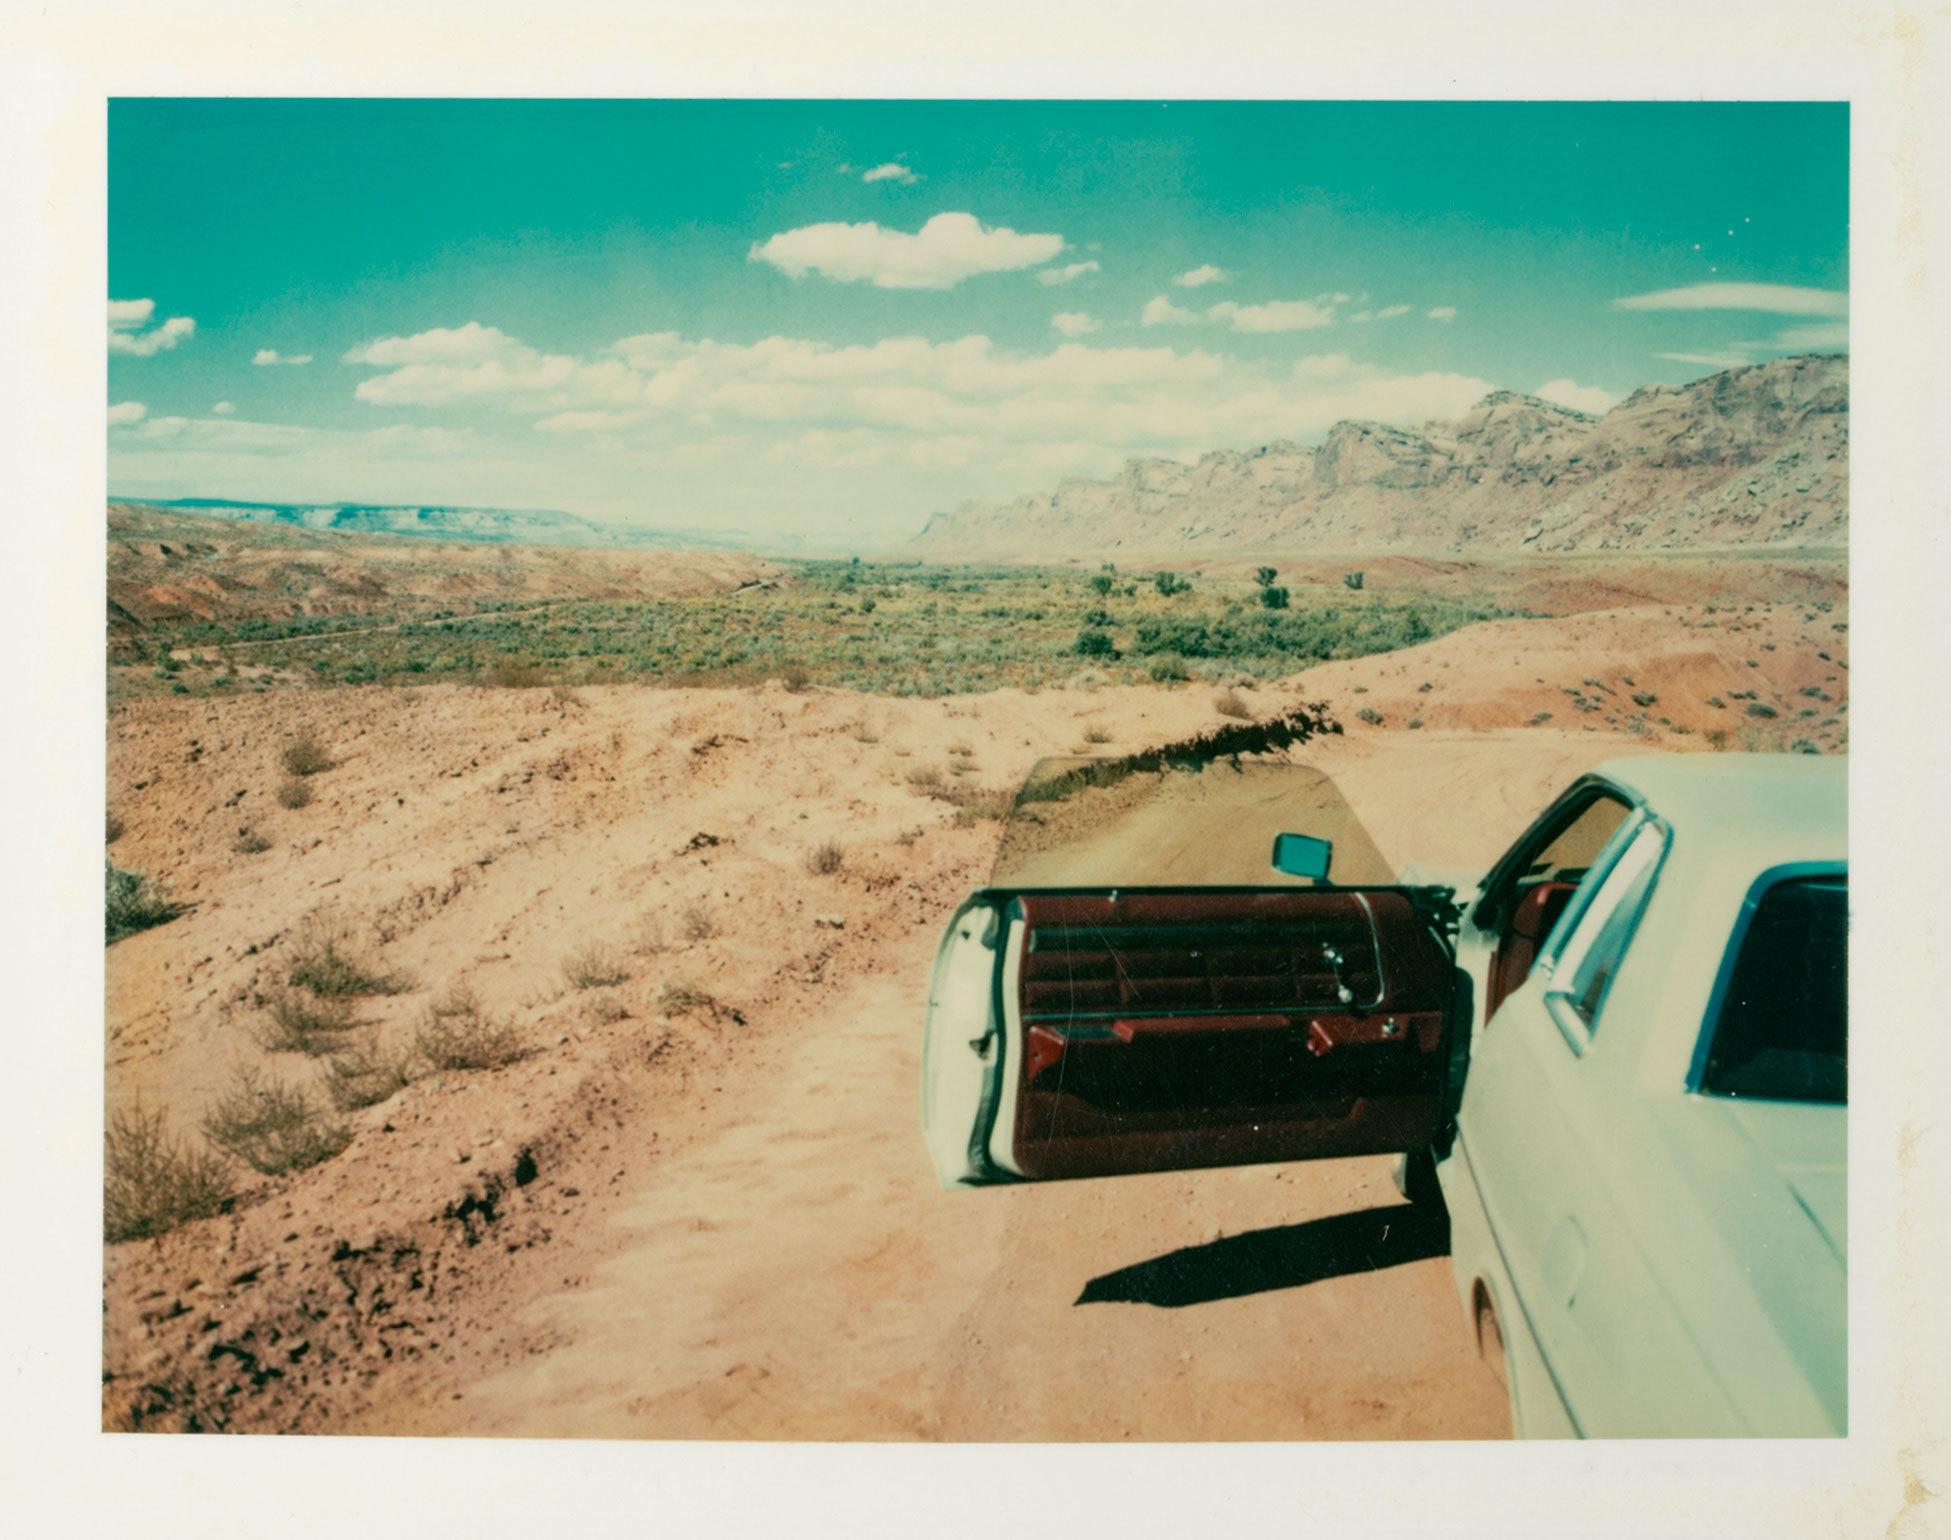 Valley of the Gods, Utah, 1977 © Wim Wenders Courtesy Deutsches Filminstitut Frankfurt